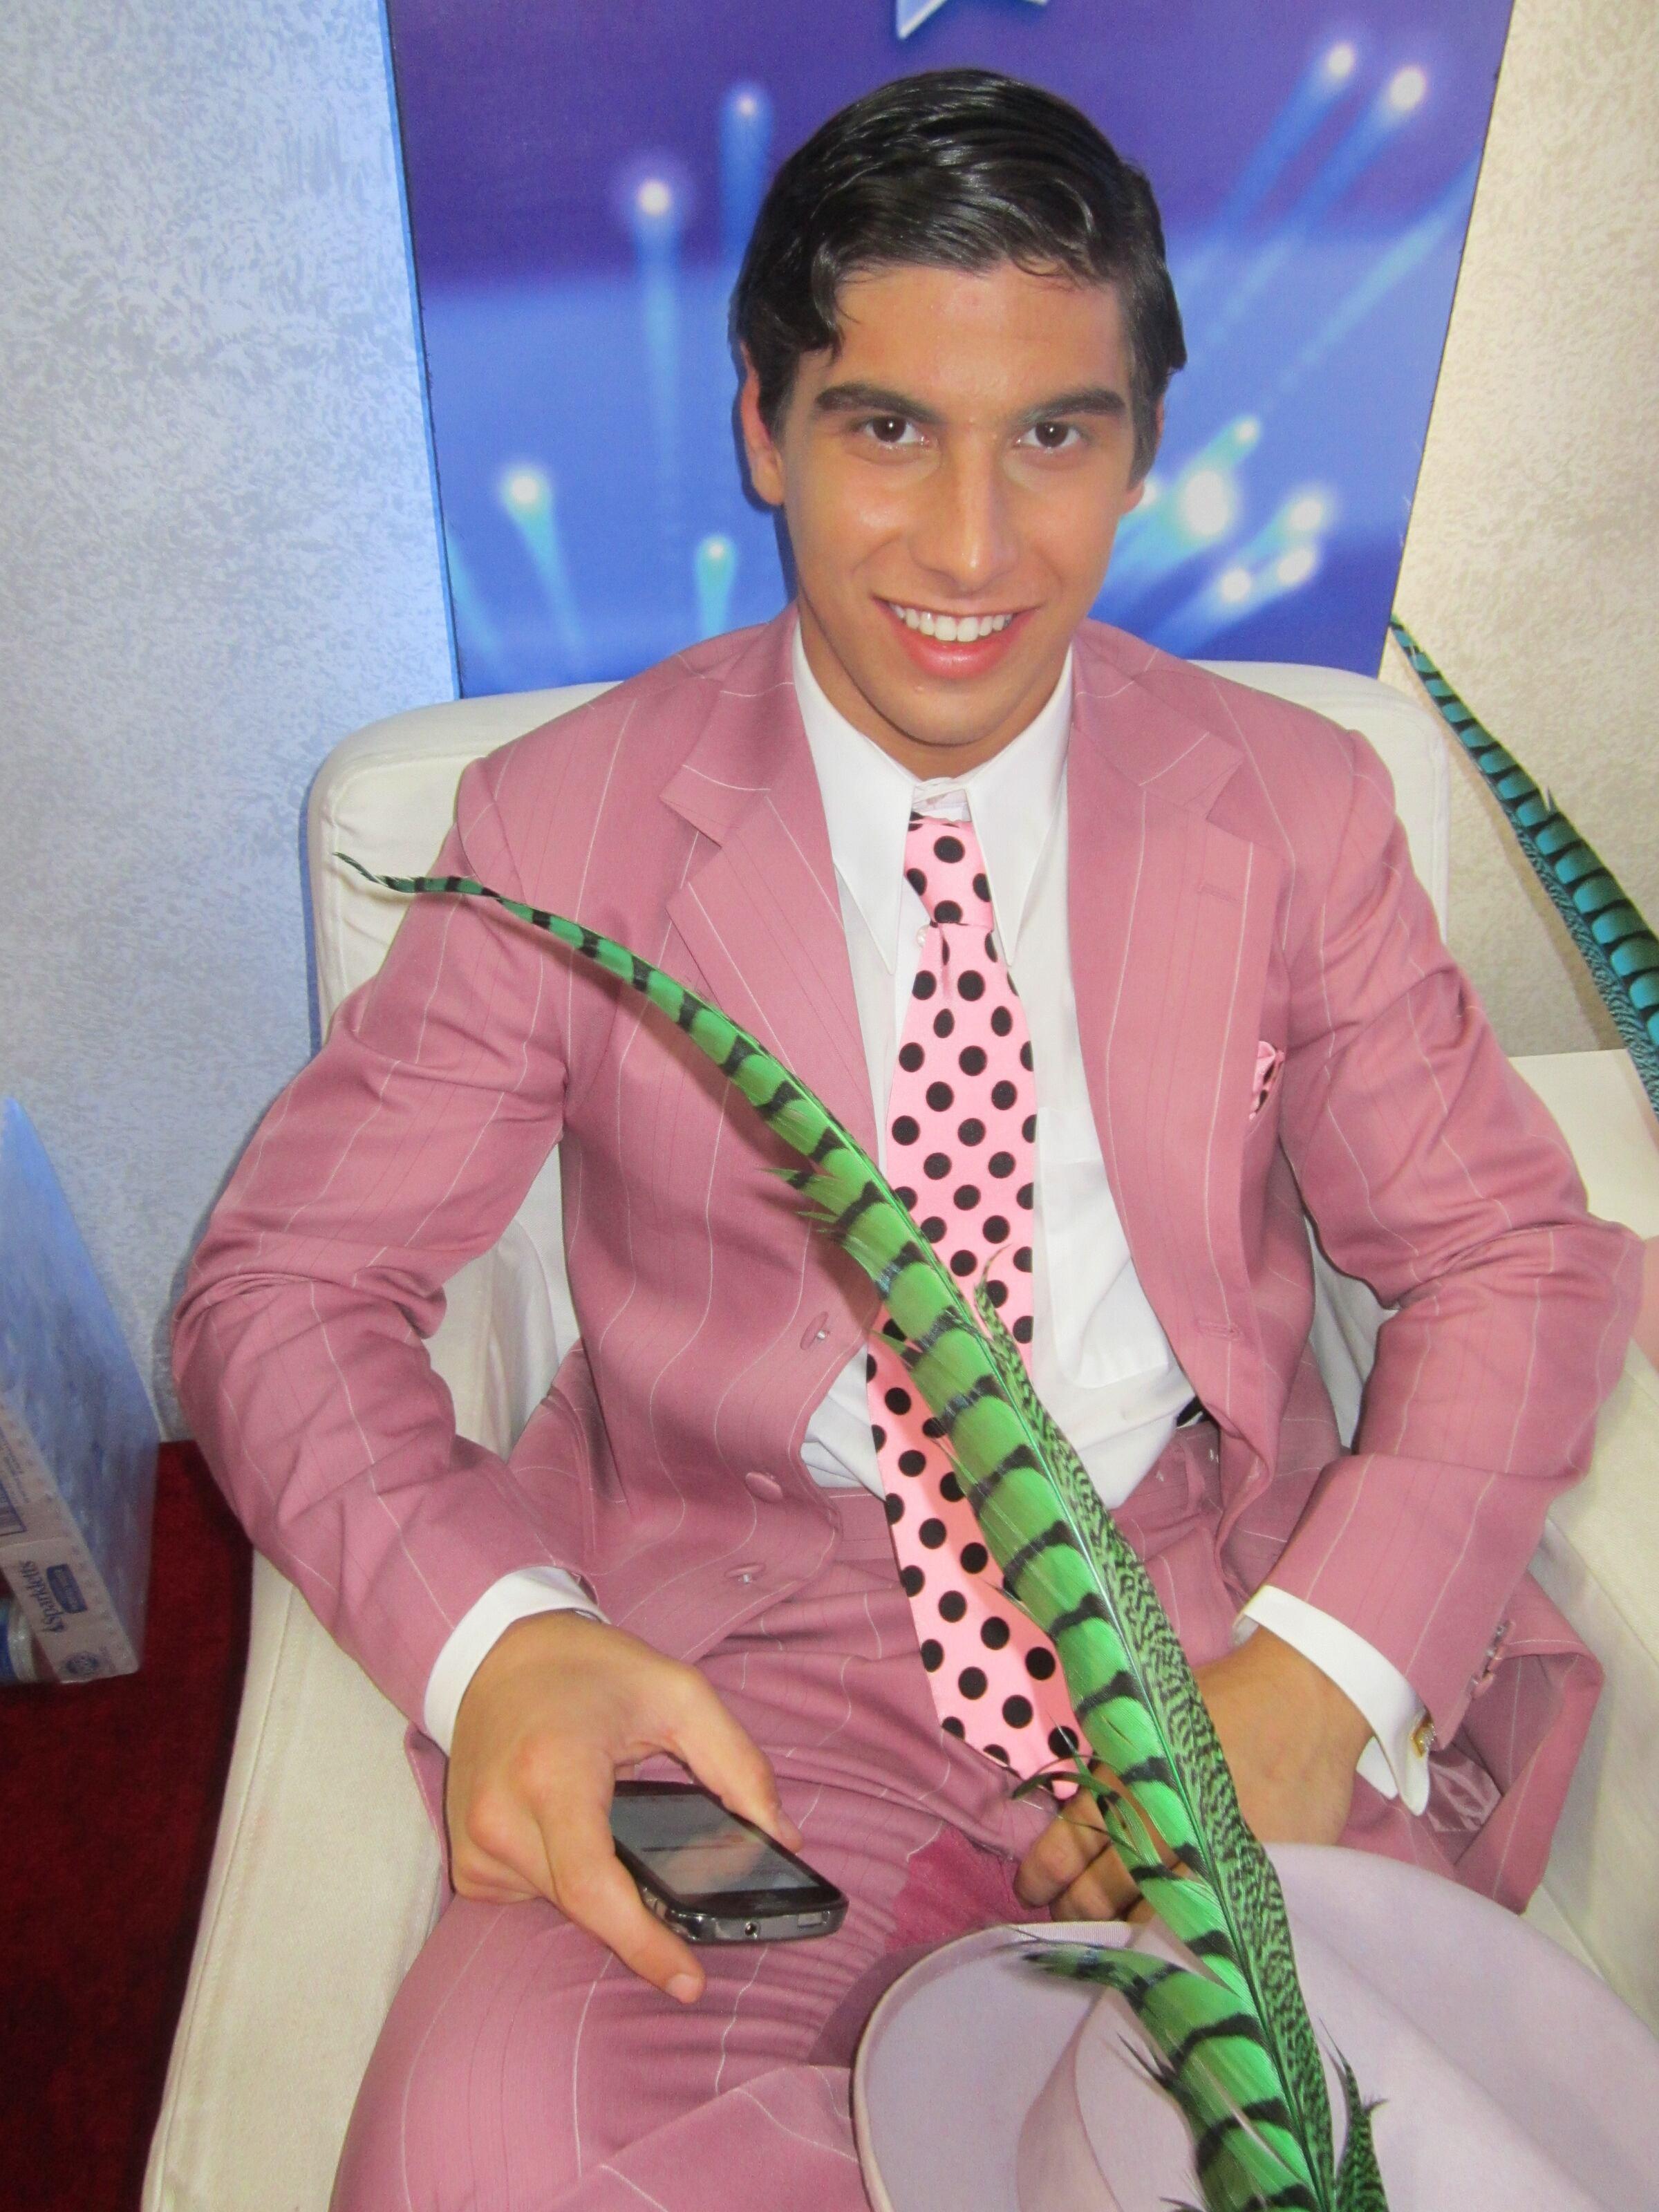 Sean Rockin' The Pink Zuit Suit!